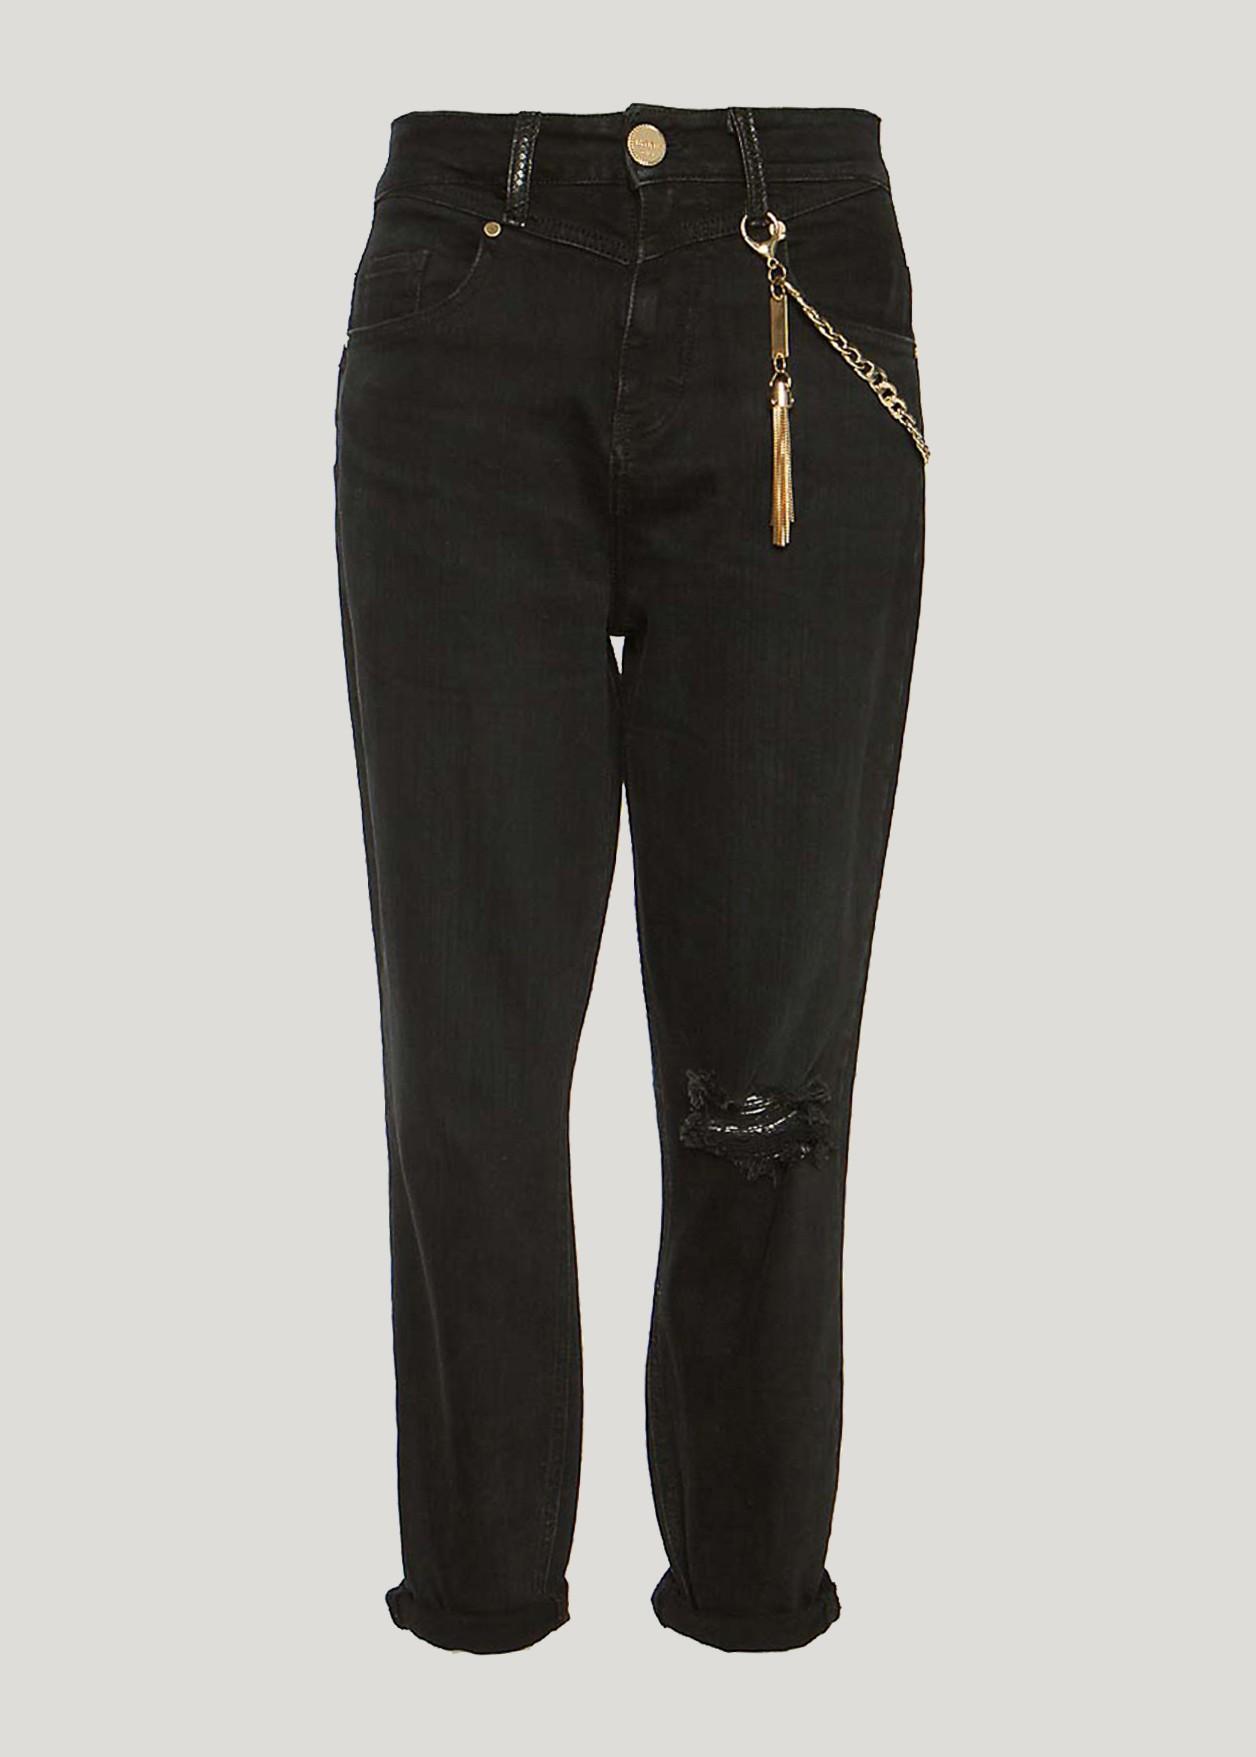 Τζιν παντελόνι με λεπτομέρεια αλυσίδα